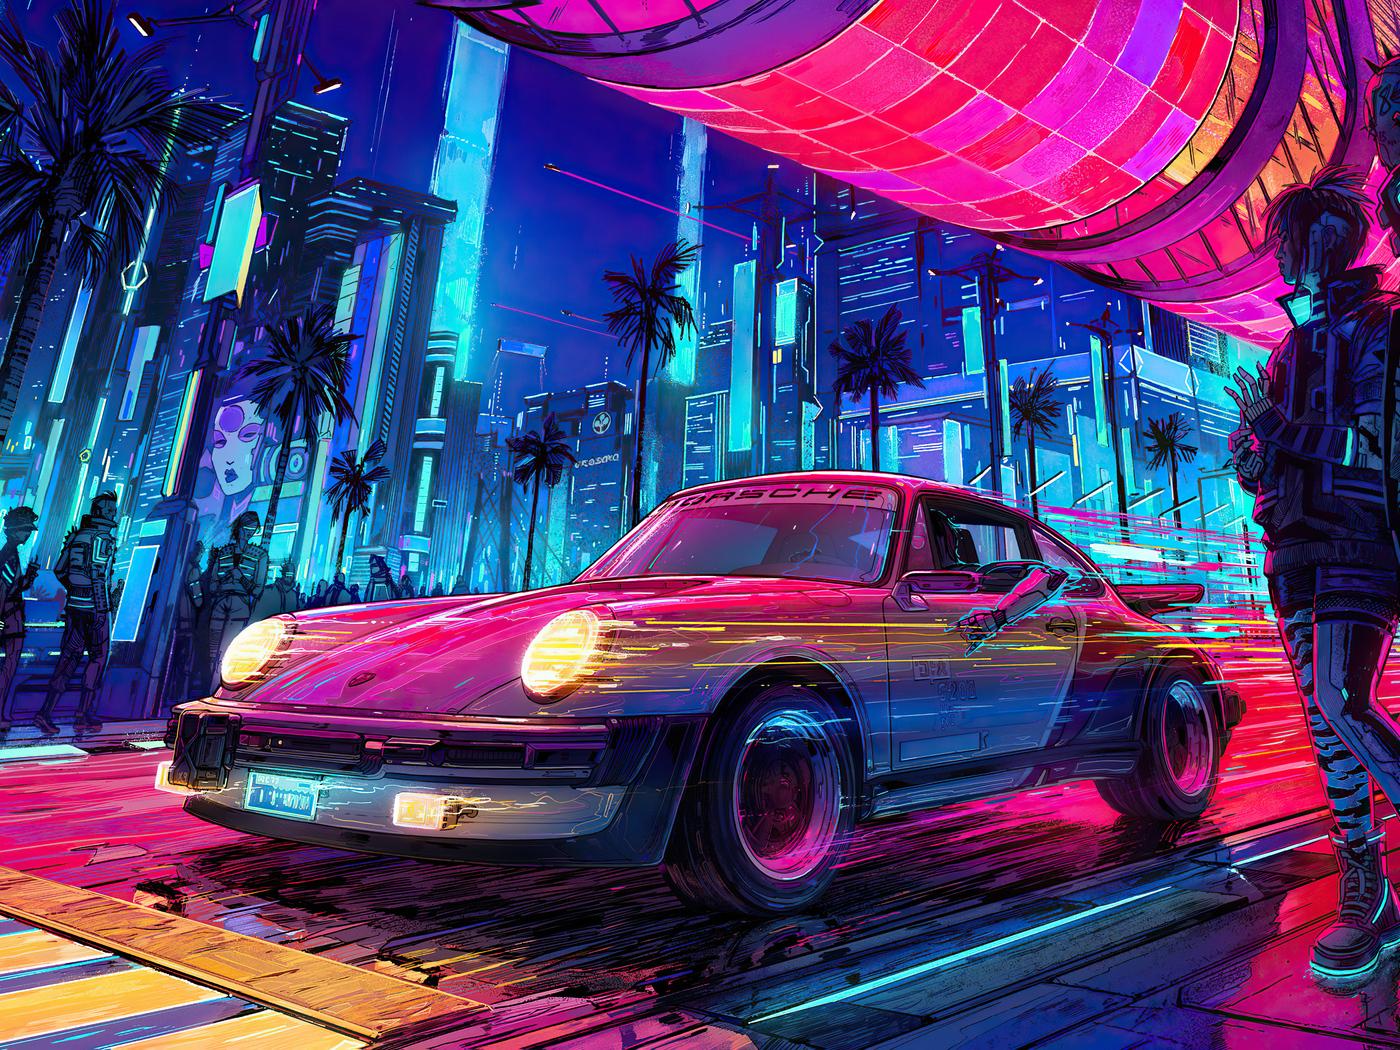 porsche-x-cyberpunk-2077-j7.jpg